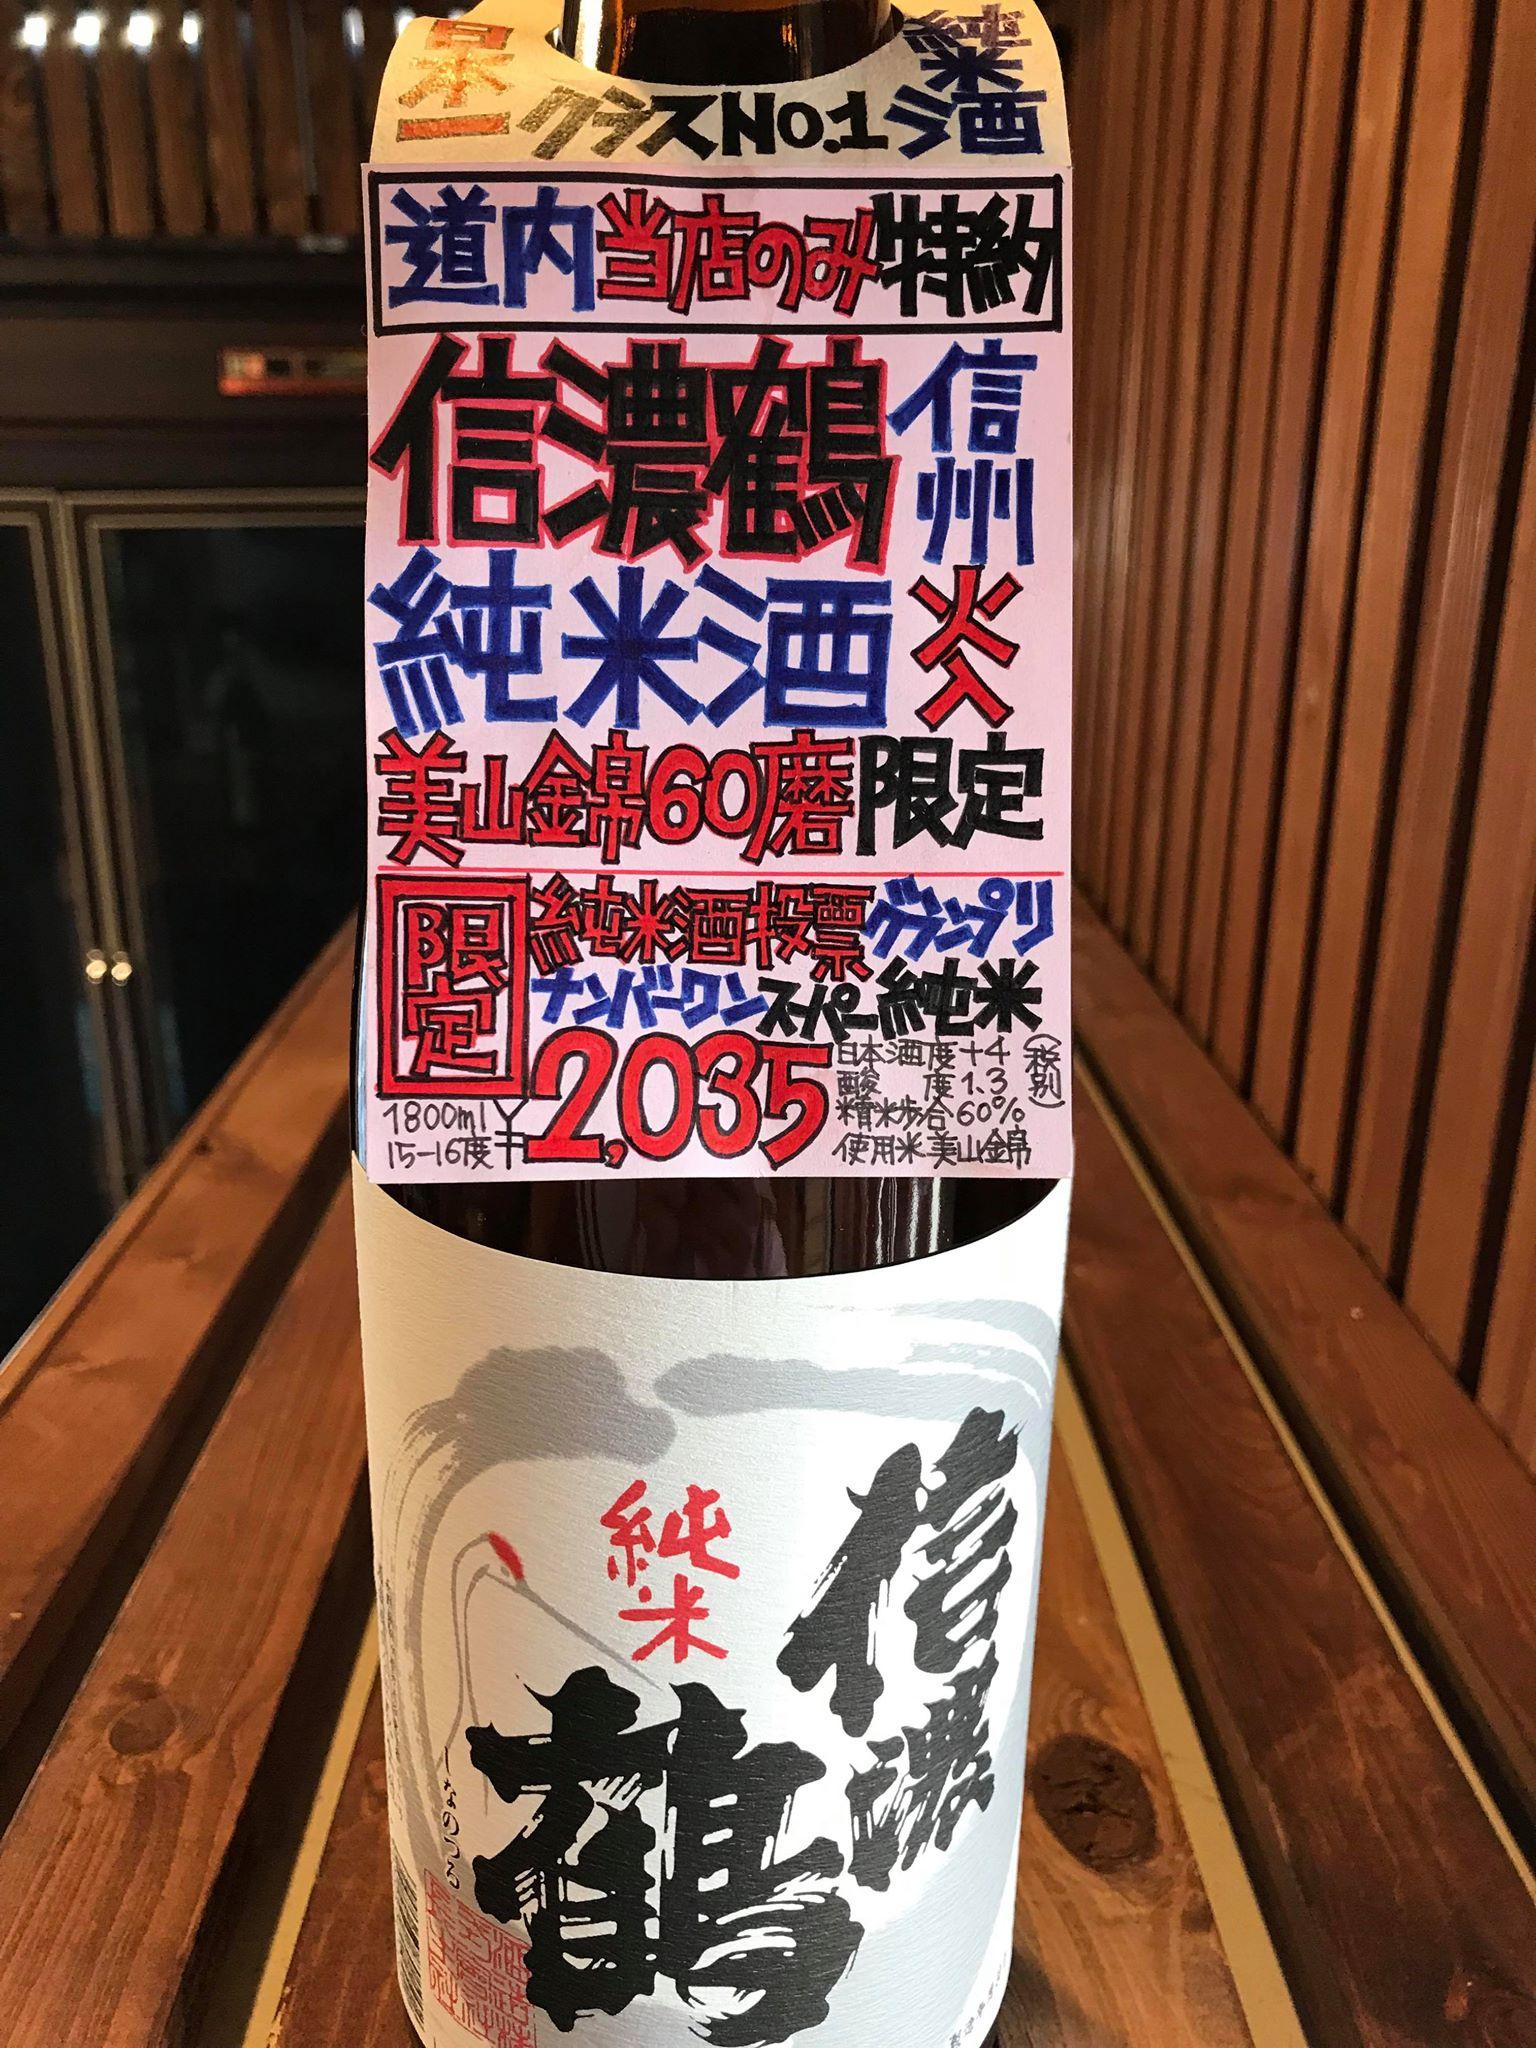 【日本酒】信濃鶴 特別純米 無濾過生原酒 美山錦55 蔵元熟成本生ver 限定 29BY_e0173738_1054379.jpg